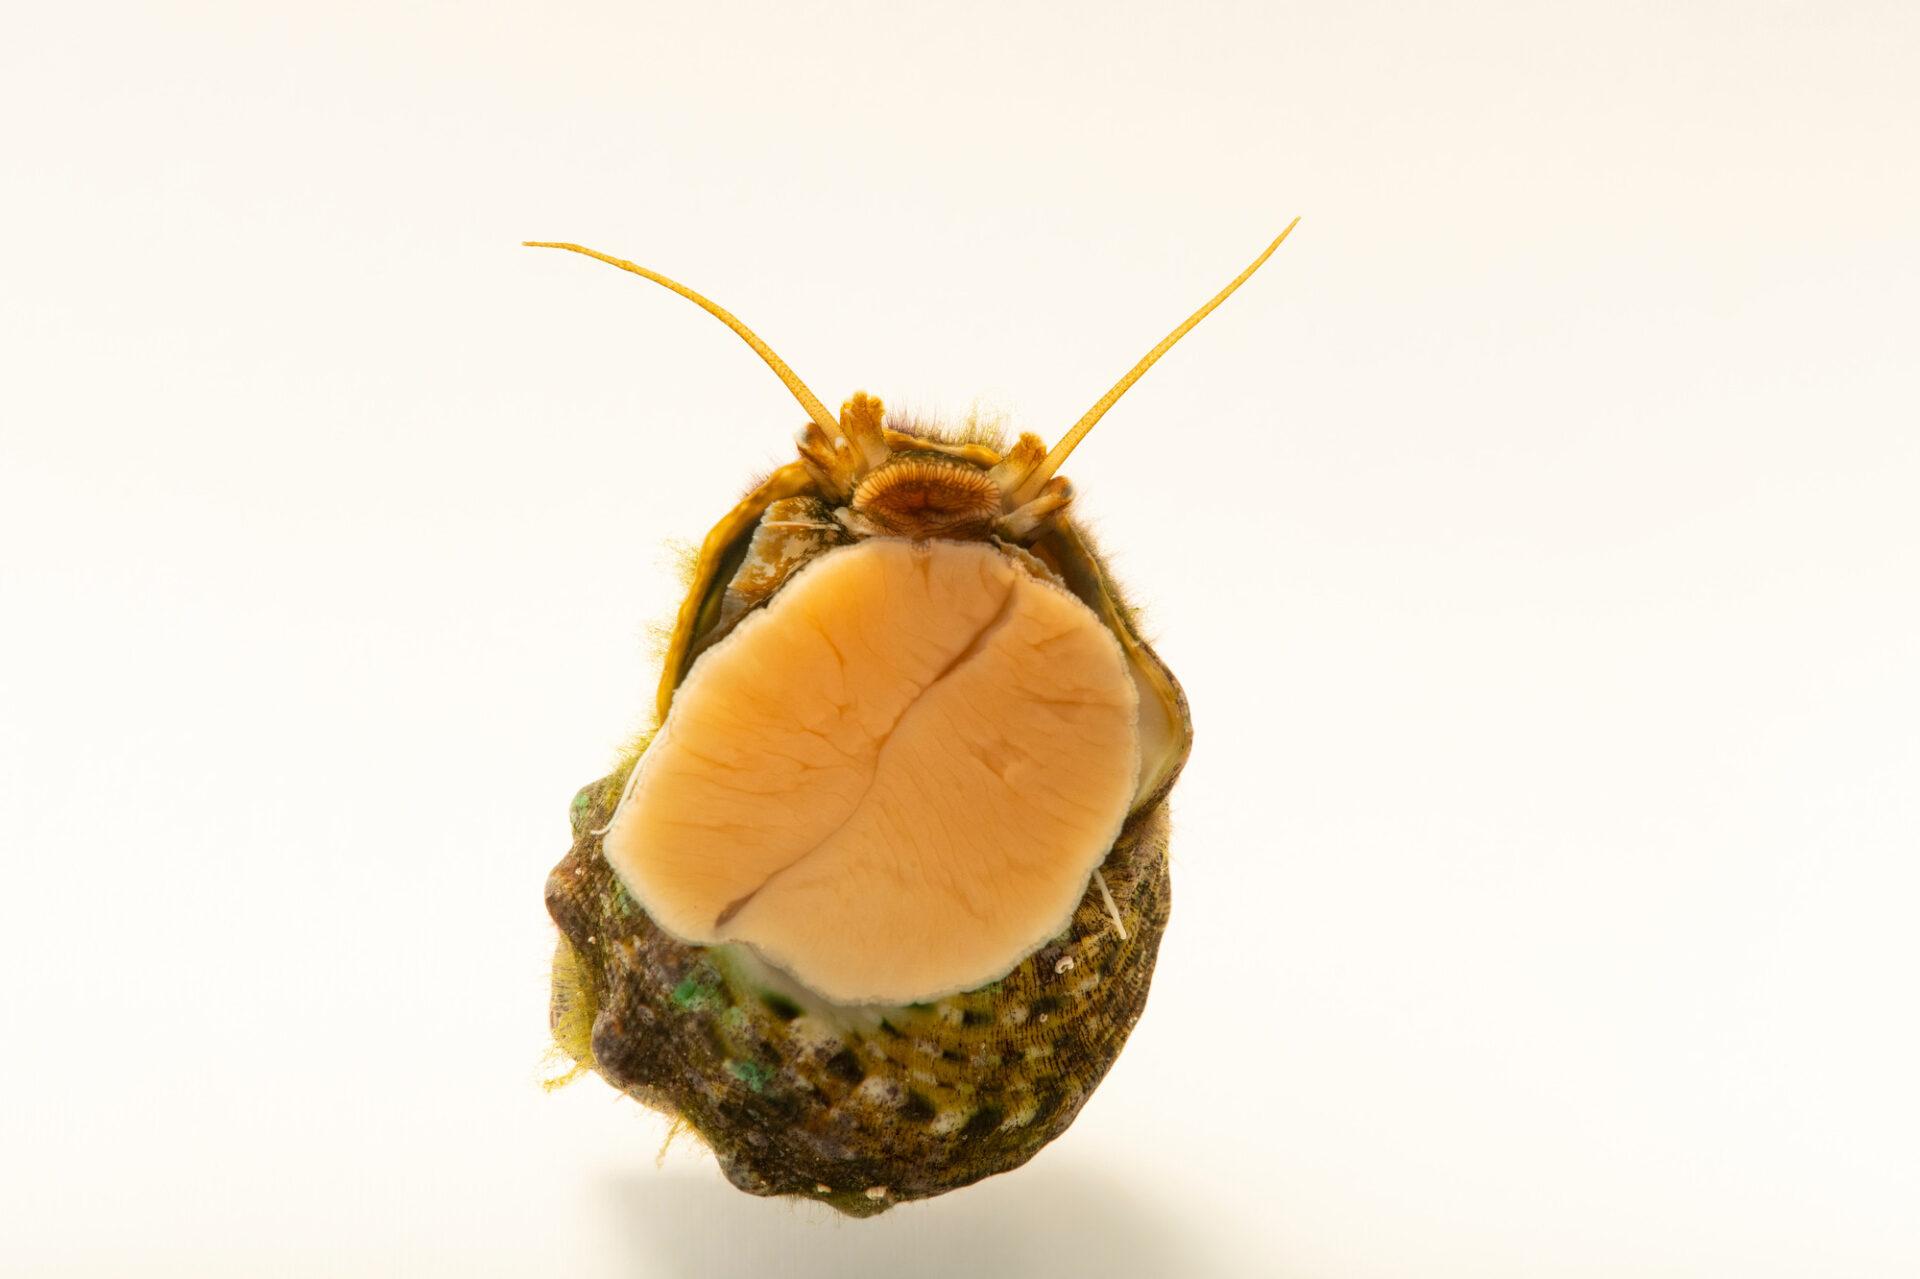 Photo: An unidentified turban snail (Turbo sp.) at the Akron Zoo.